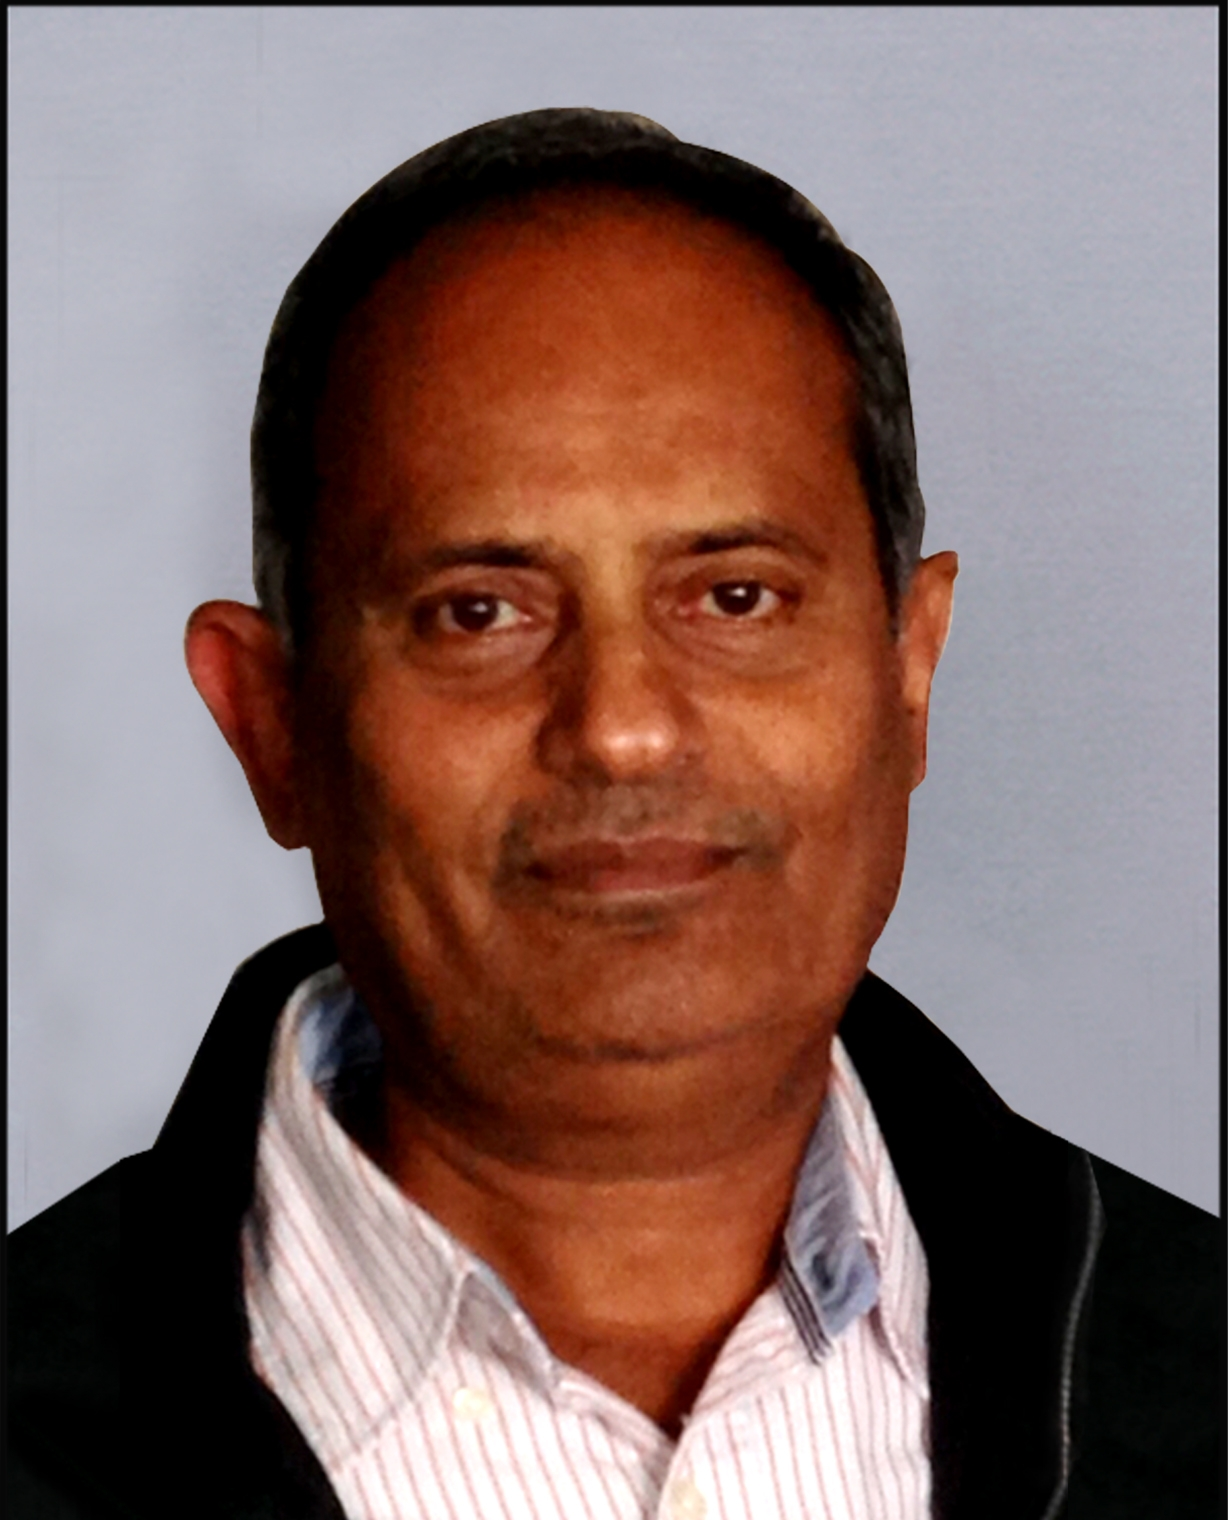 Maheshbhai G. Savdharia